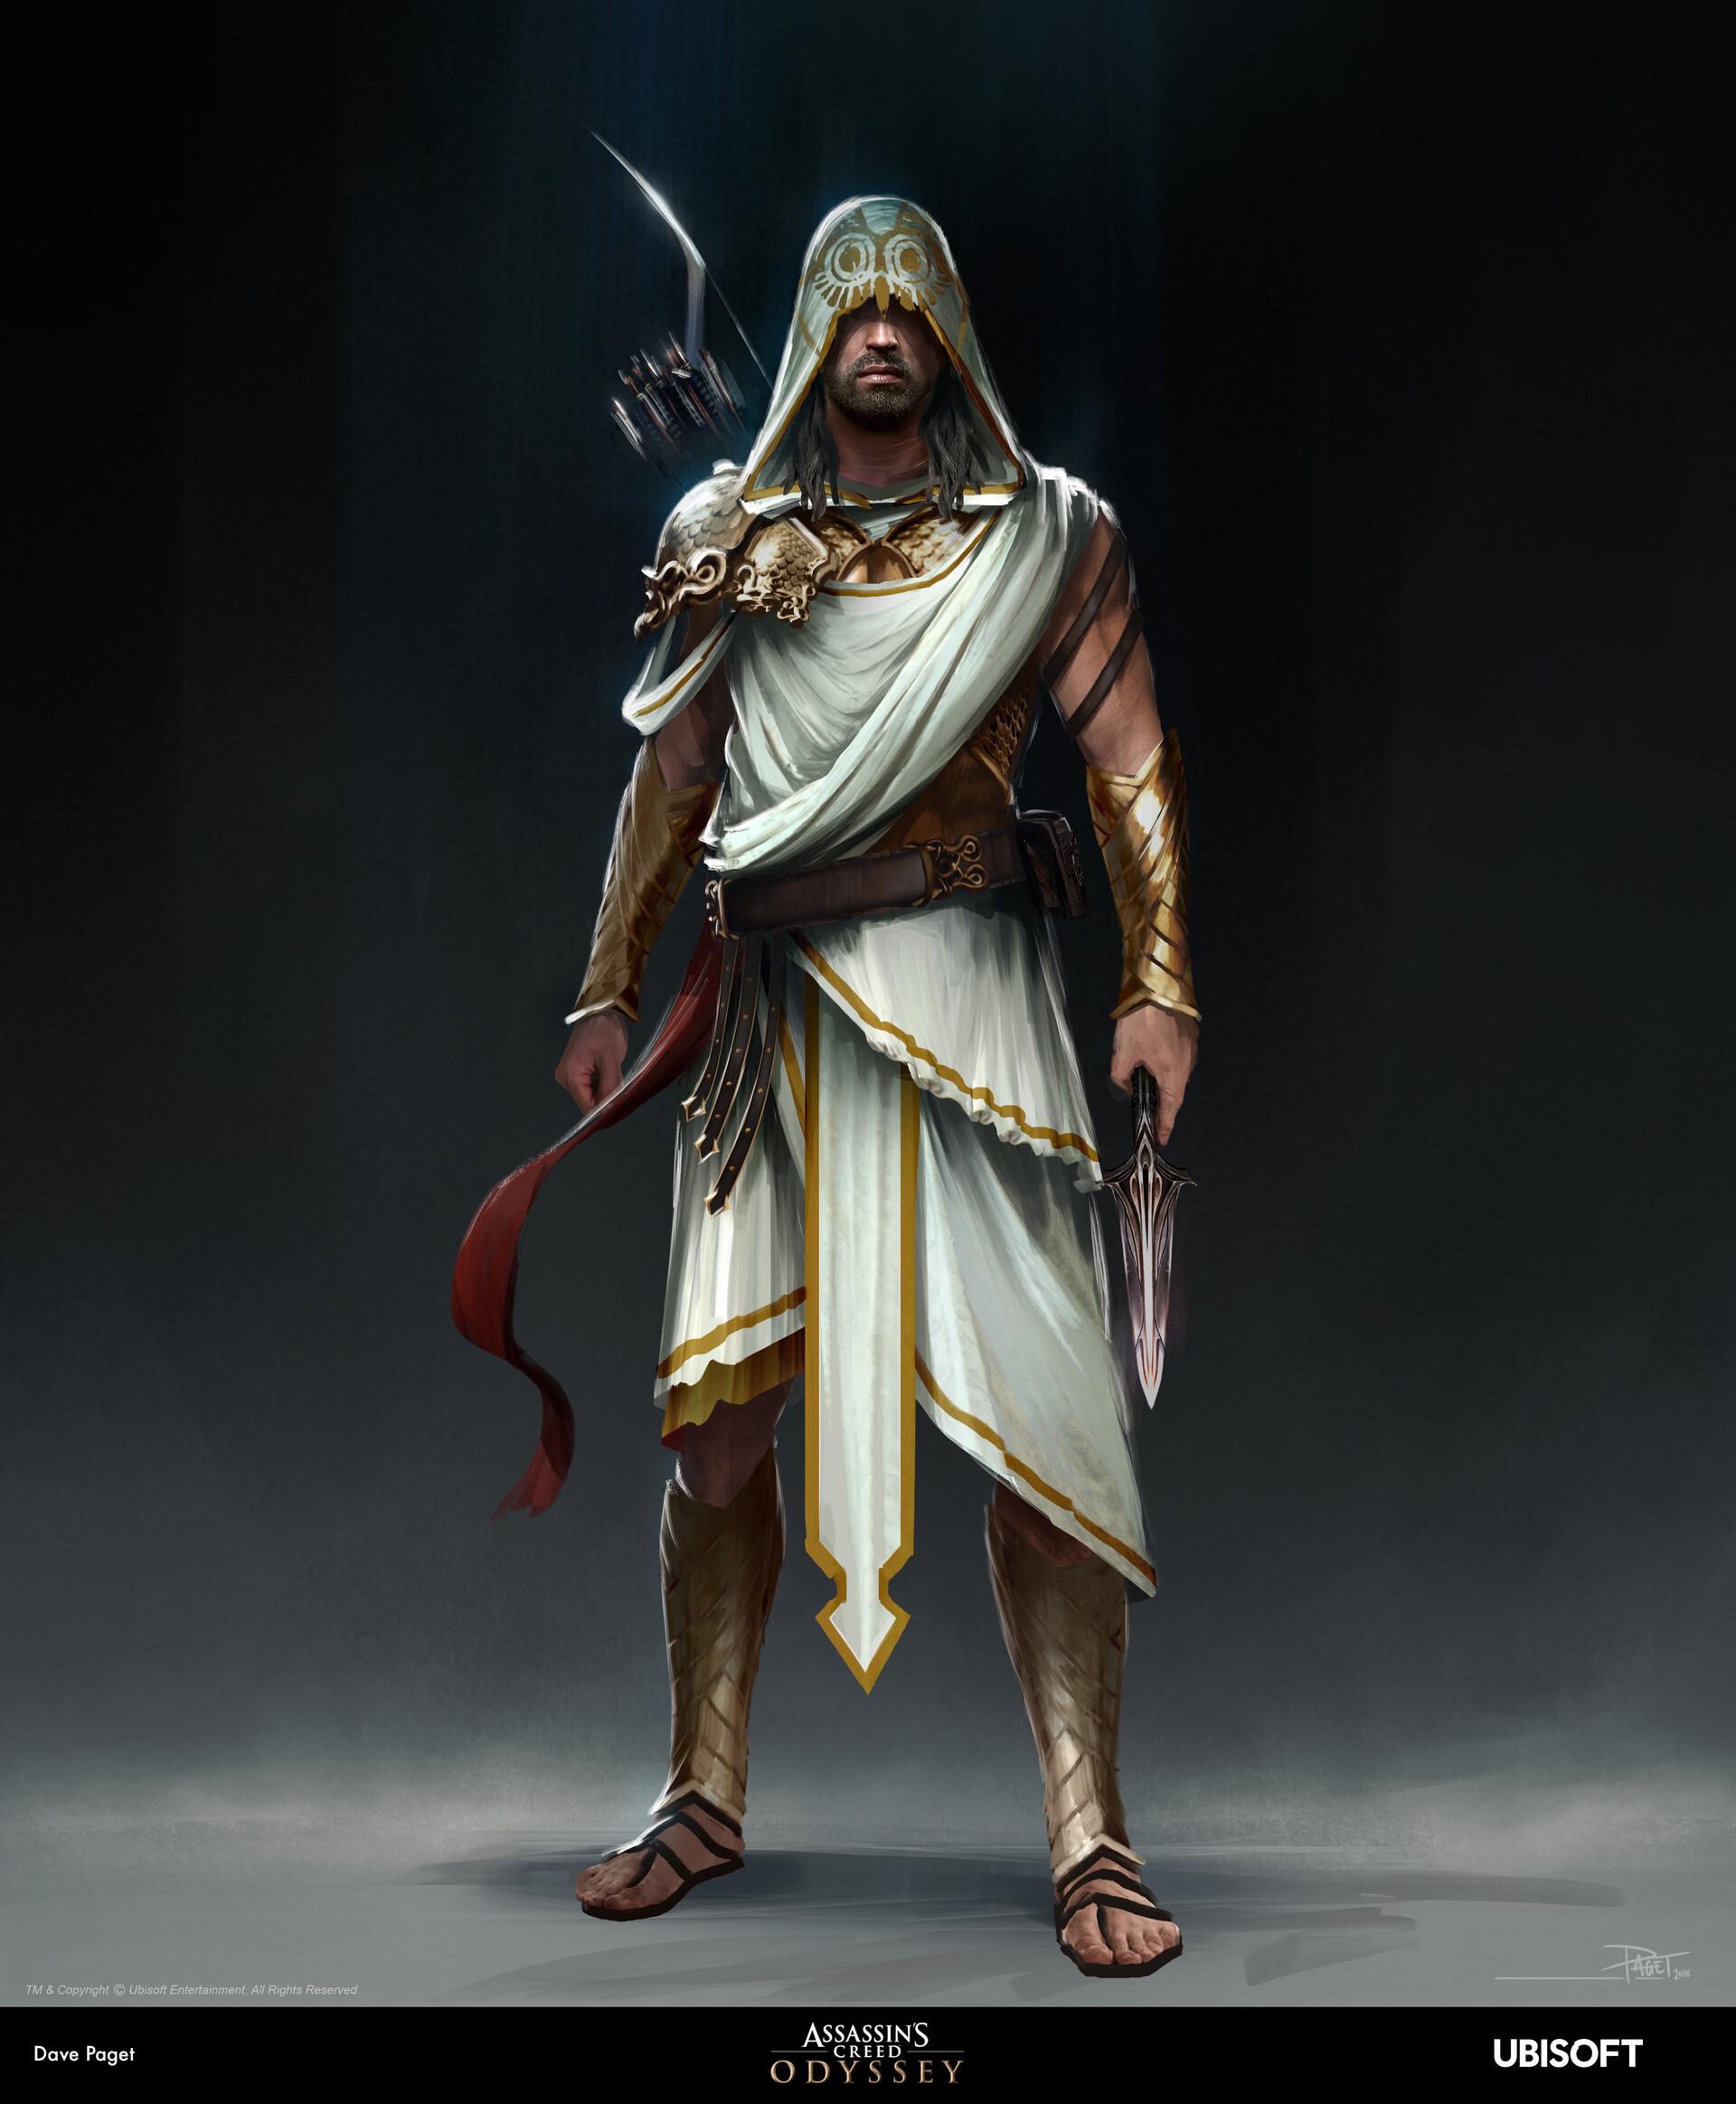 David paget athena armour